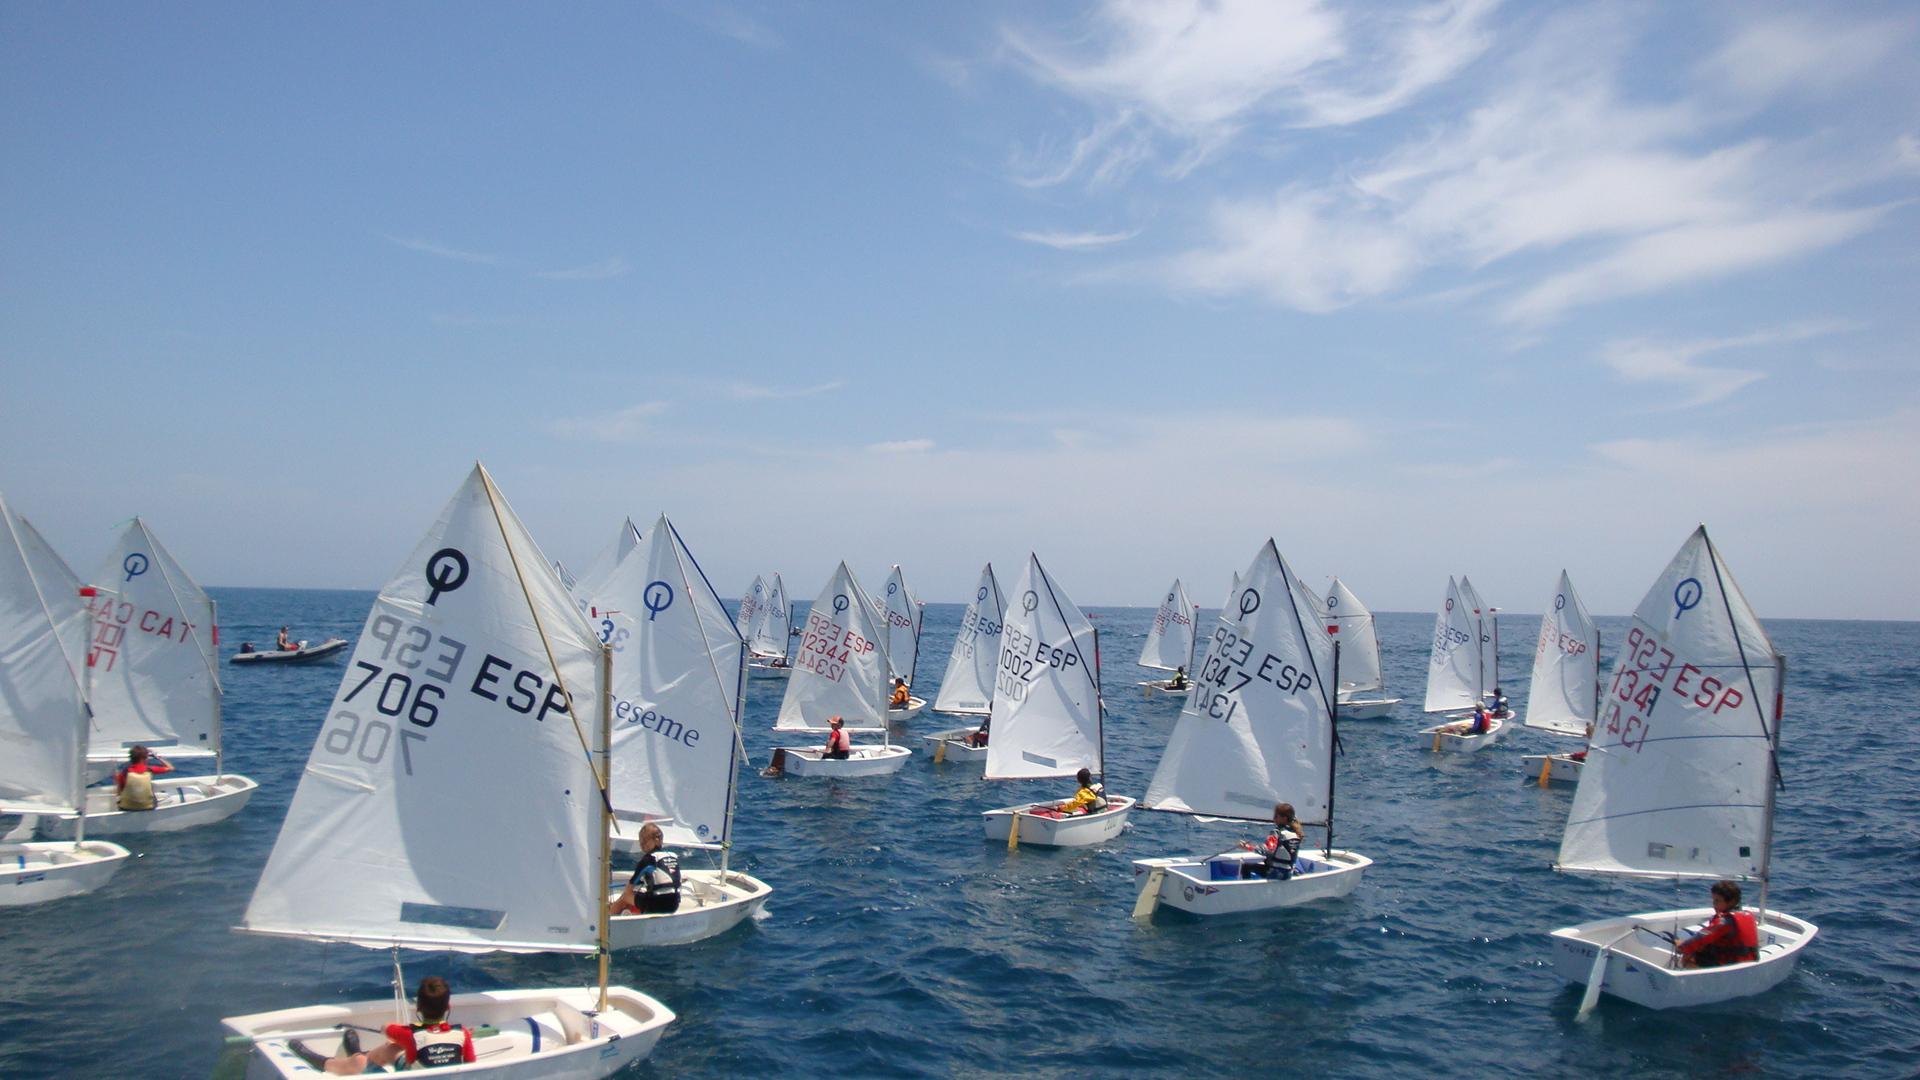 club nàutic el masnou, escola, vela, esport, salut, platja, mar, campus